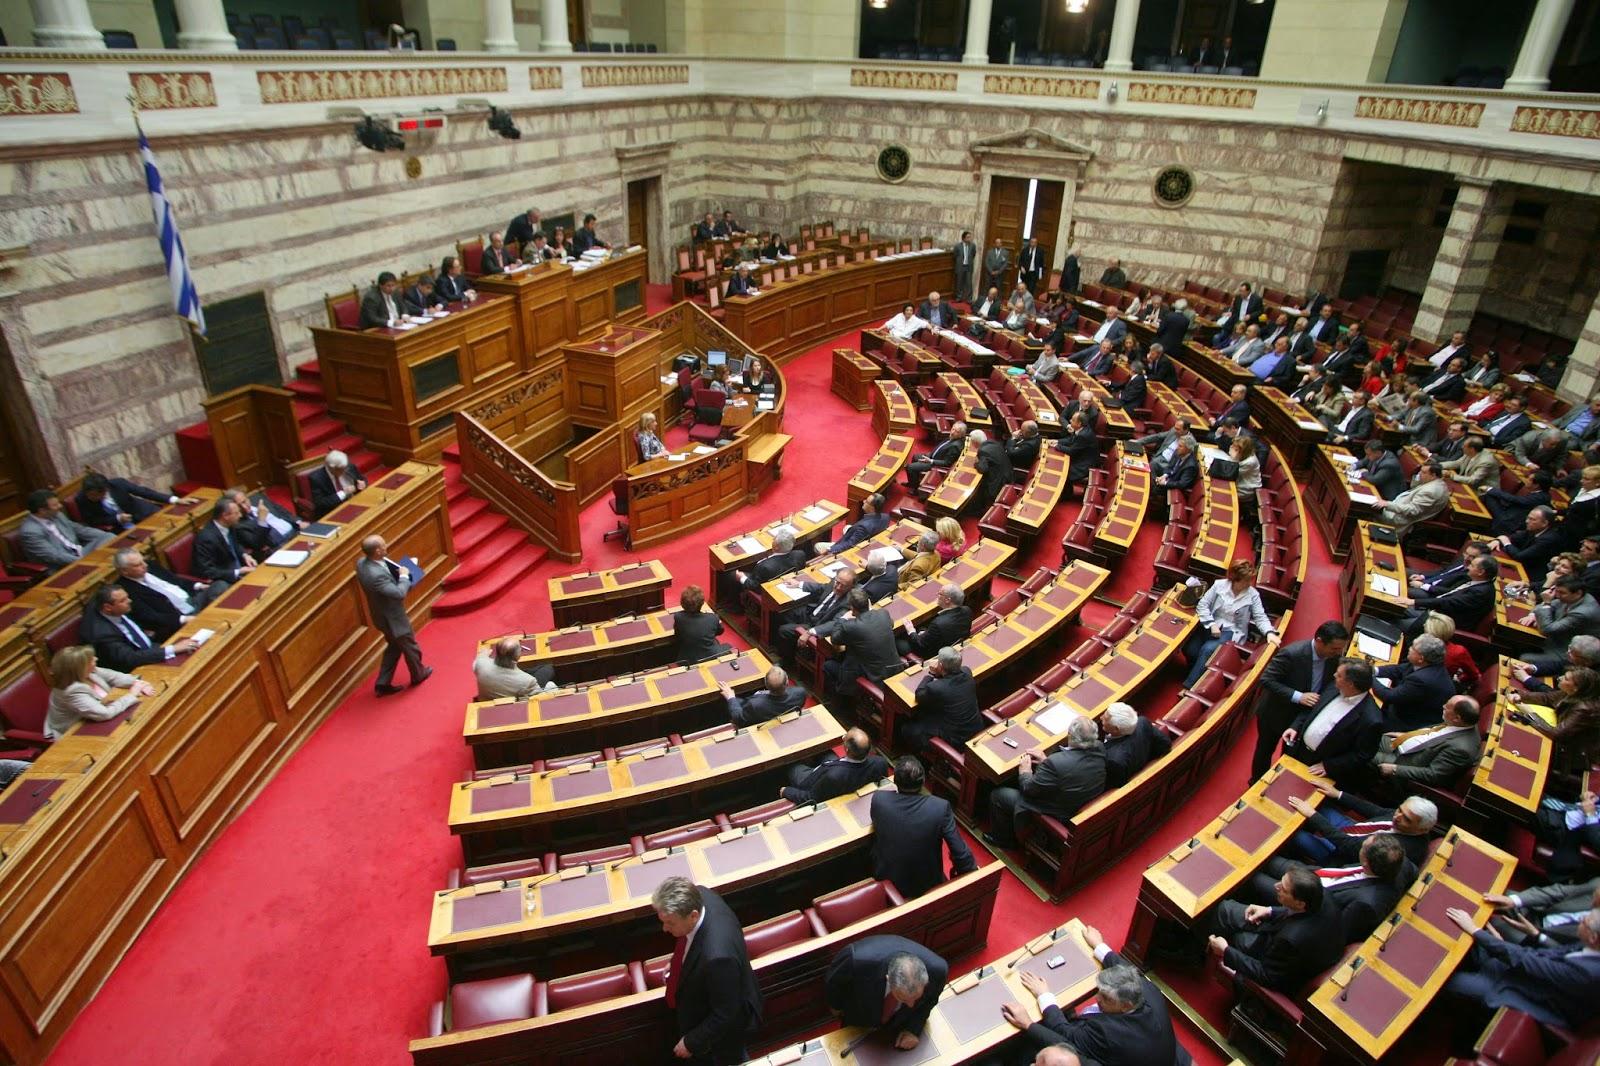 Τροπολογία για τους αιώνιους φοιτητές κατέθεσε το ΚΚΕ